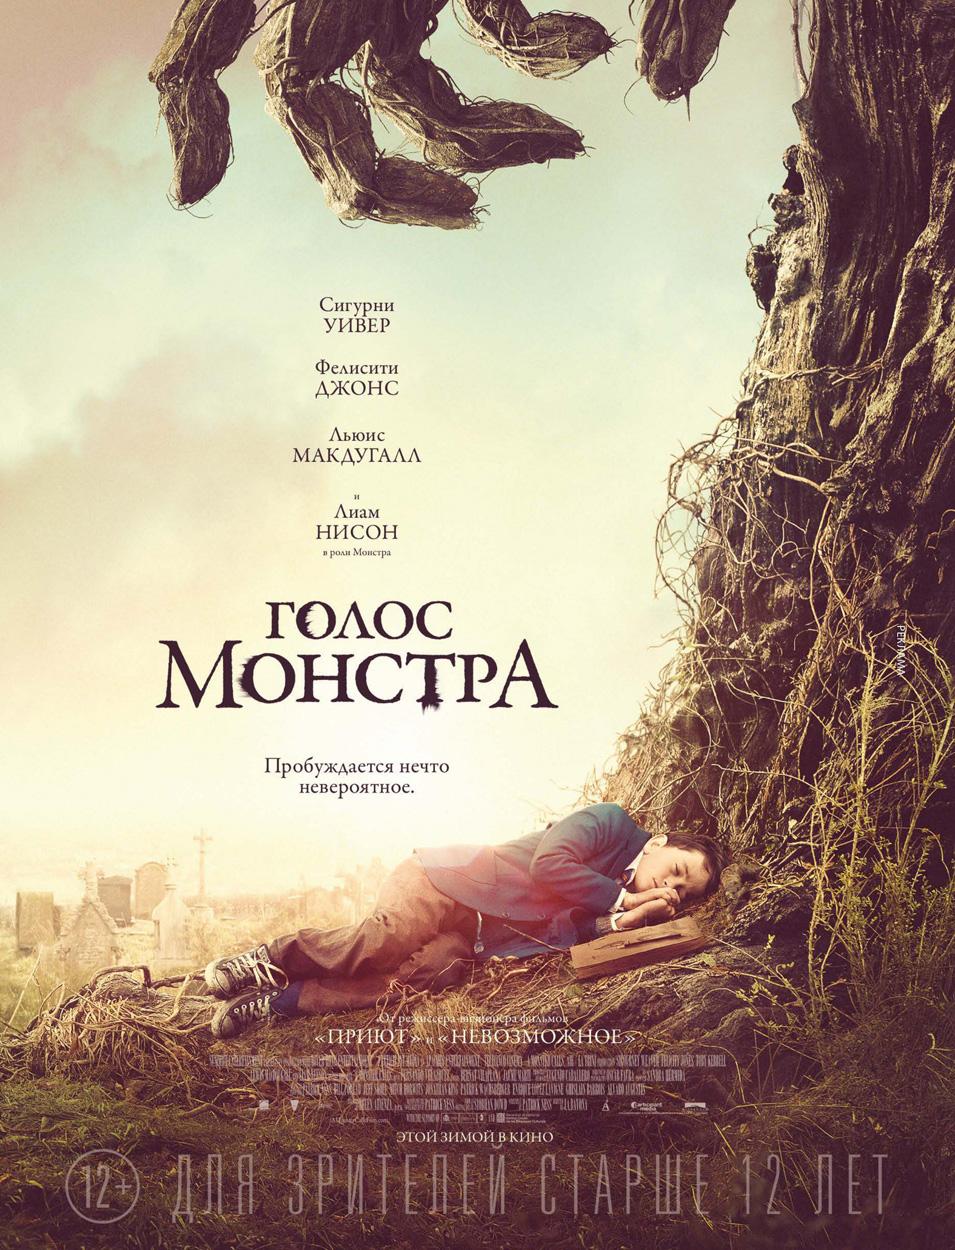 плакат фильма постер локализованные Голос монстра